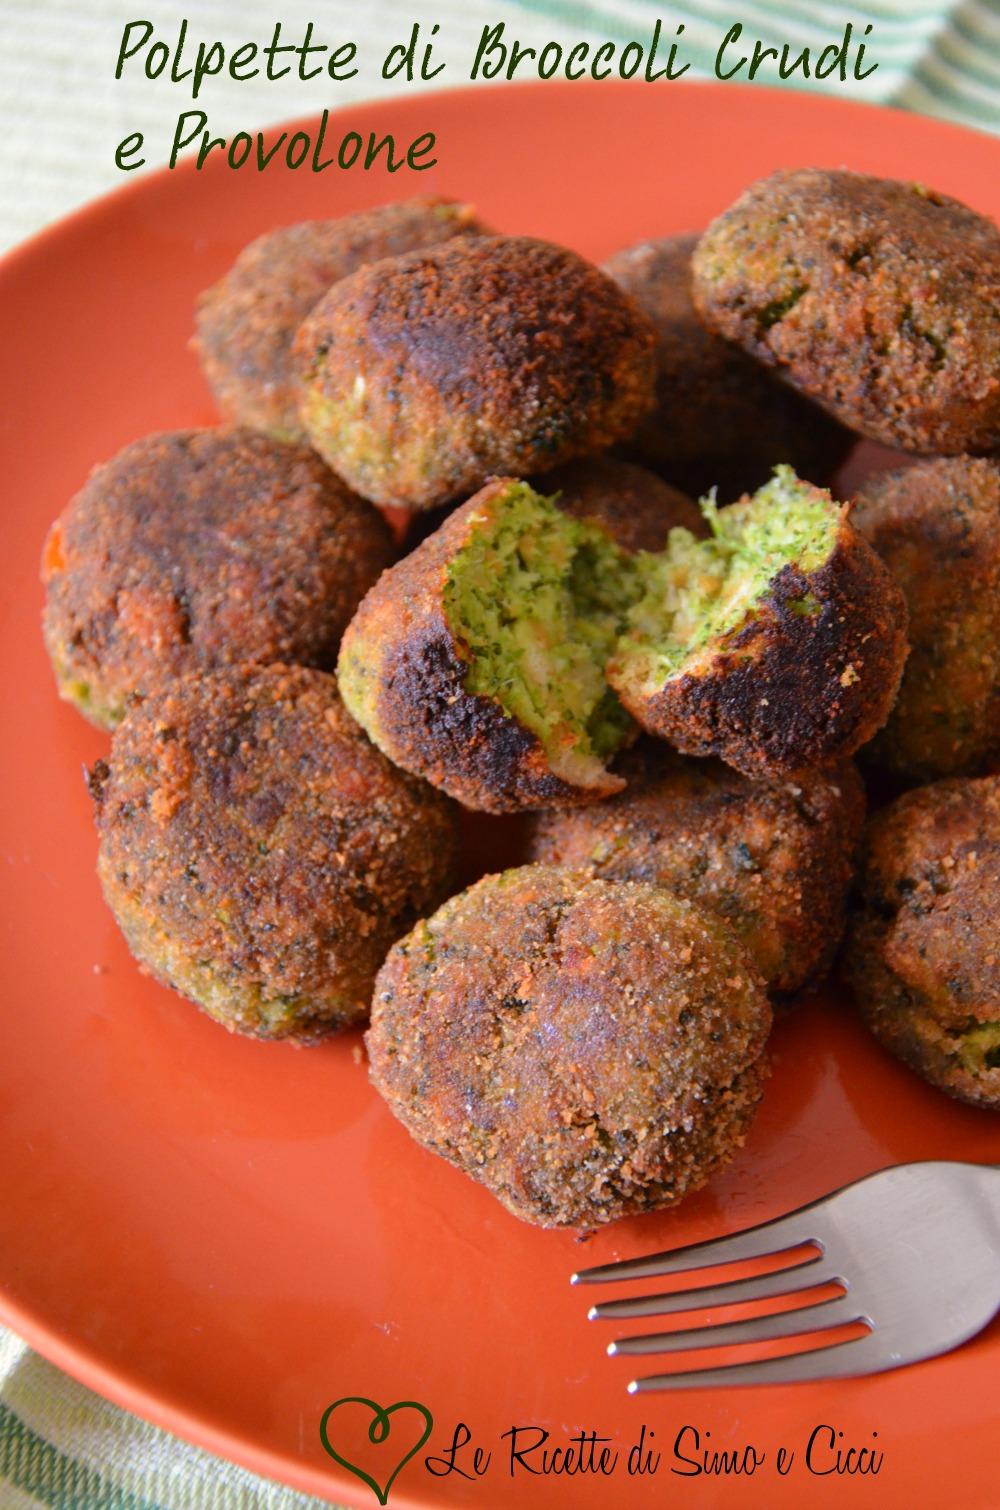 Polpette di Broccoli Crudi e Provolone